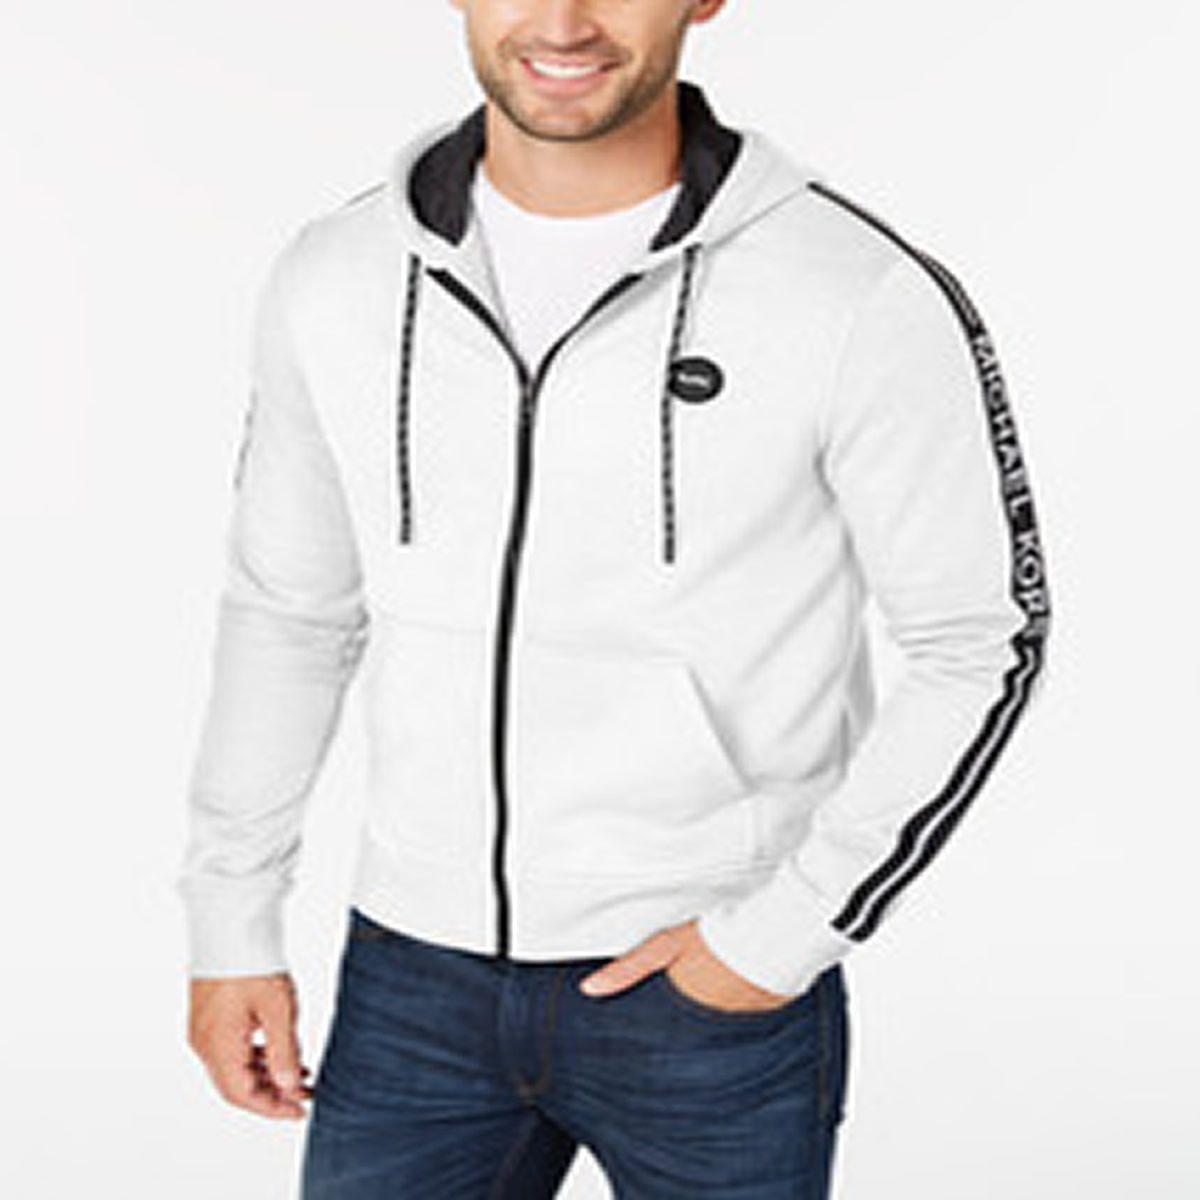 e4ba015c1758 Michael Kors Mens Jackets   Coats - Macy s